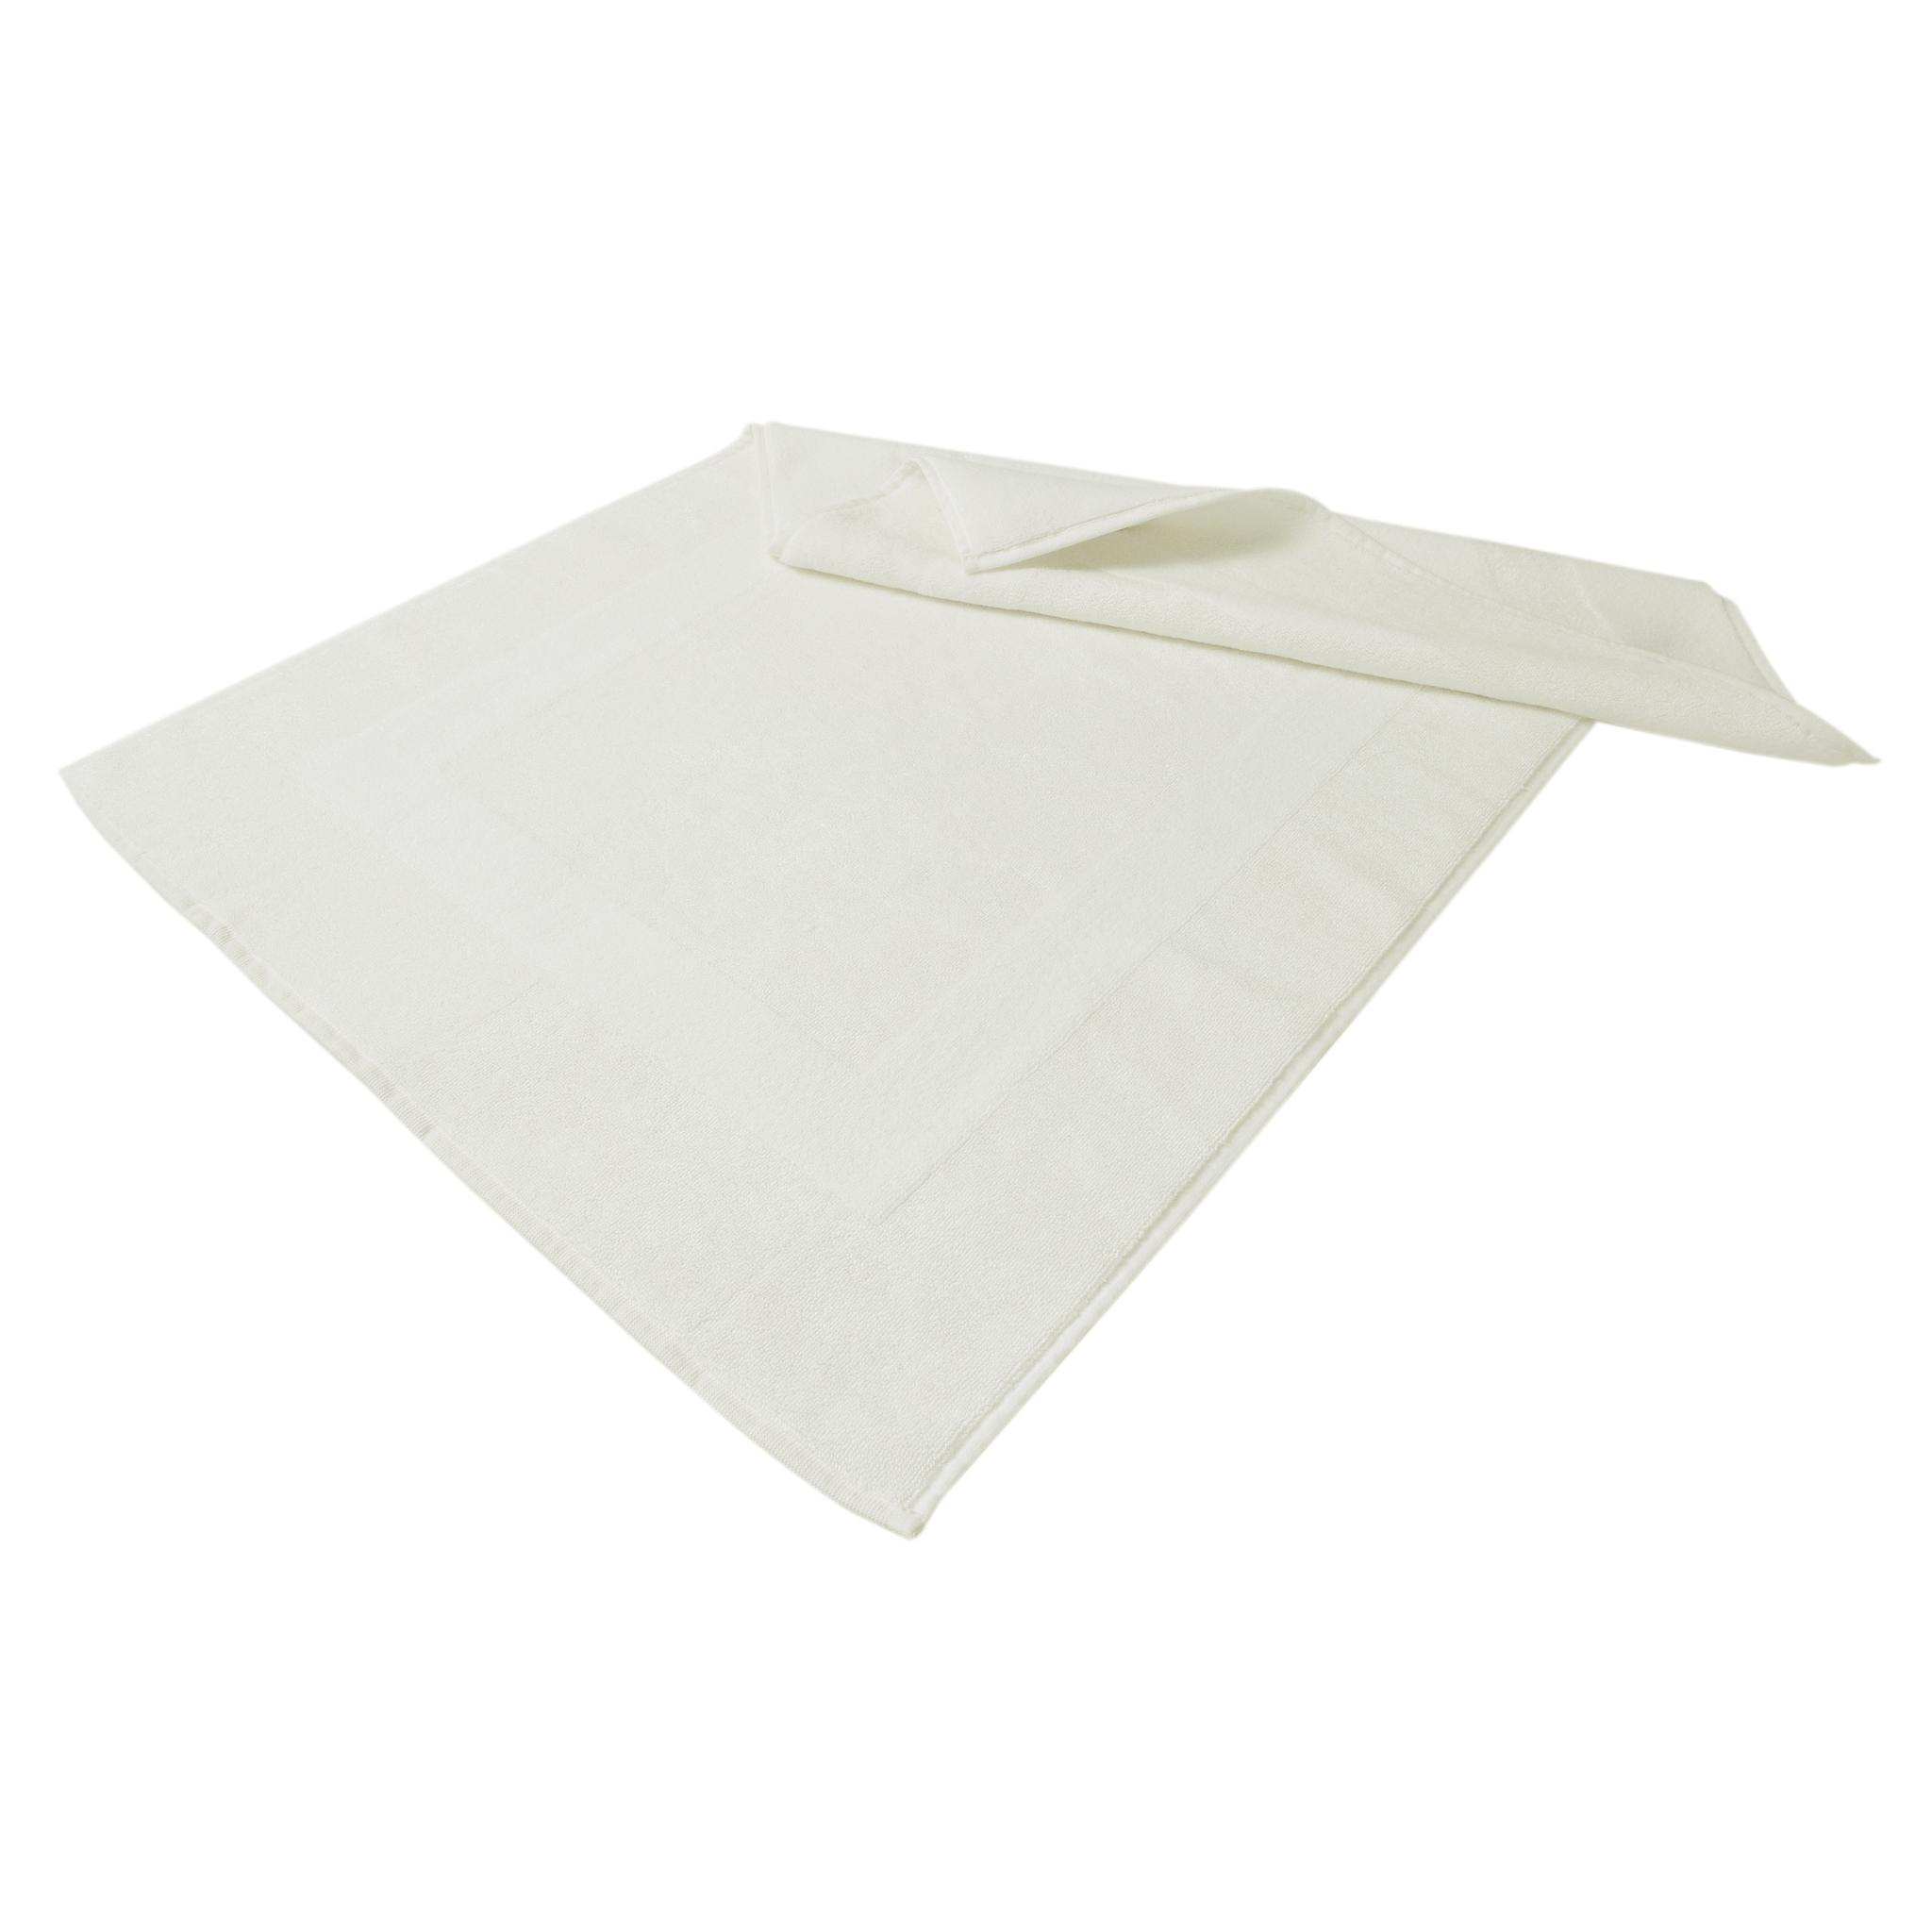 Коврики для ванной Элитный коврик для ванной Glam белый от Hamam elitnyy-kovrik-dlya-vannoy-glam-belyy-ot-hamam-turtsiya.jpg